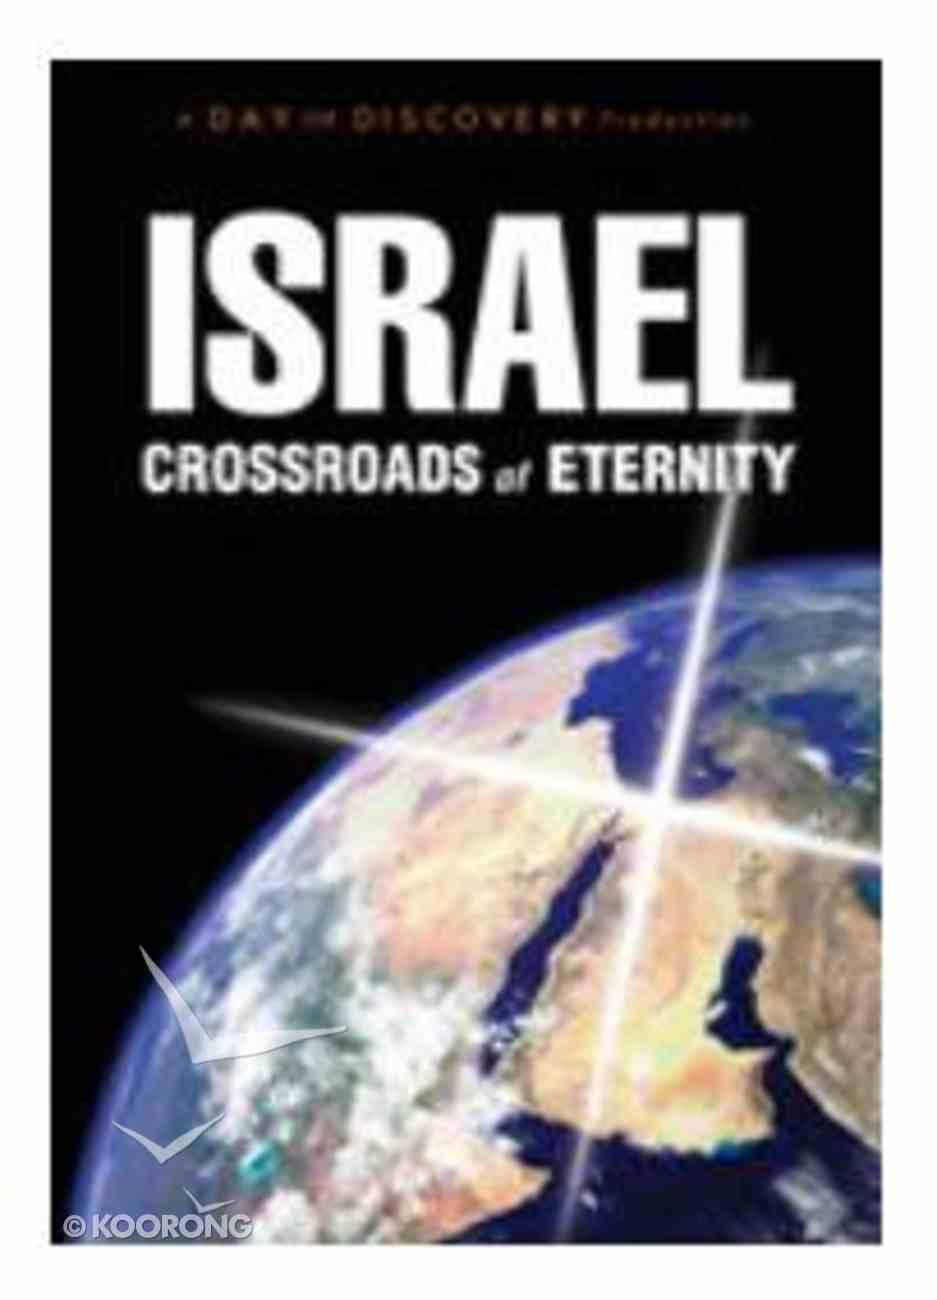 Israel - Crossroads of Eternity DVD